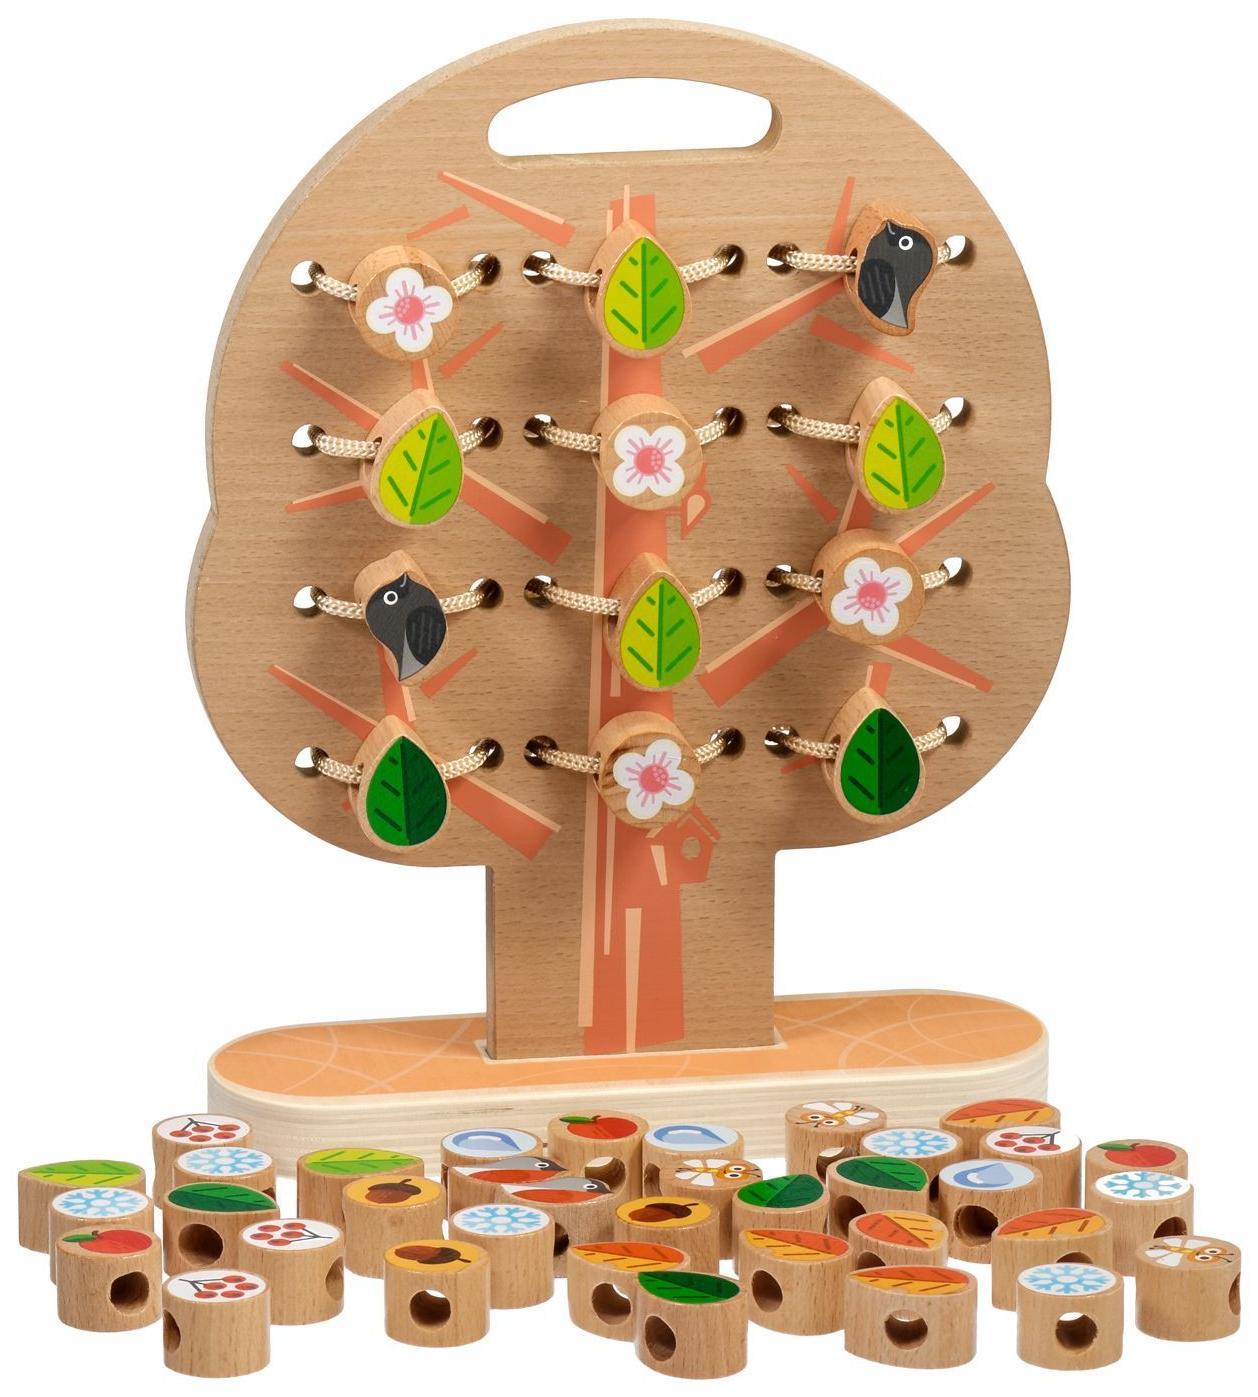 Купить Дерево игрушка, Шнуровка МДИ Дерево игрушка, Мир Деревянных Игрушек, Шнуровки для детей